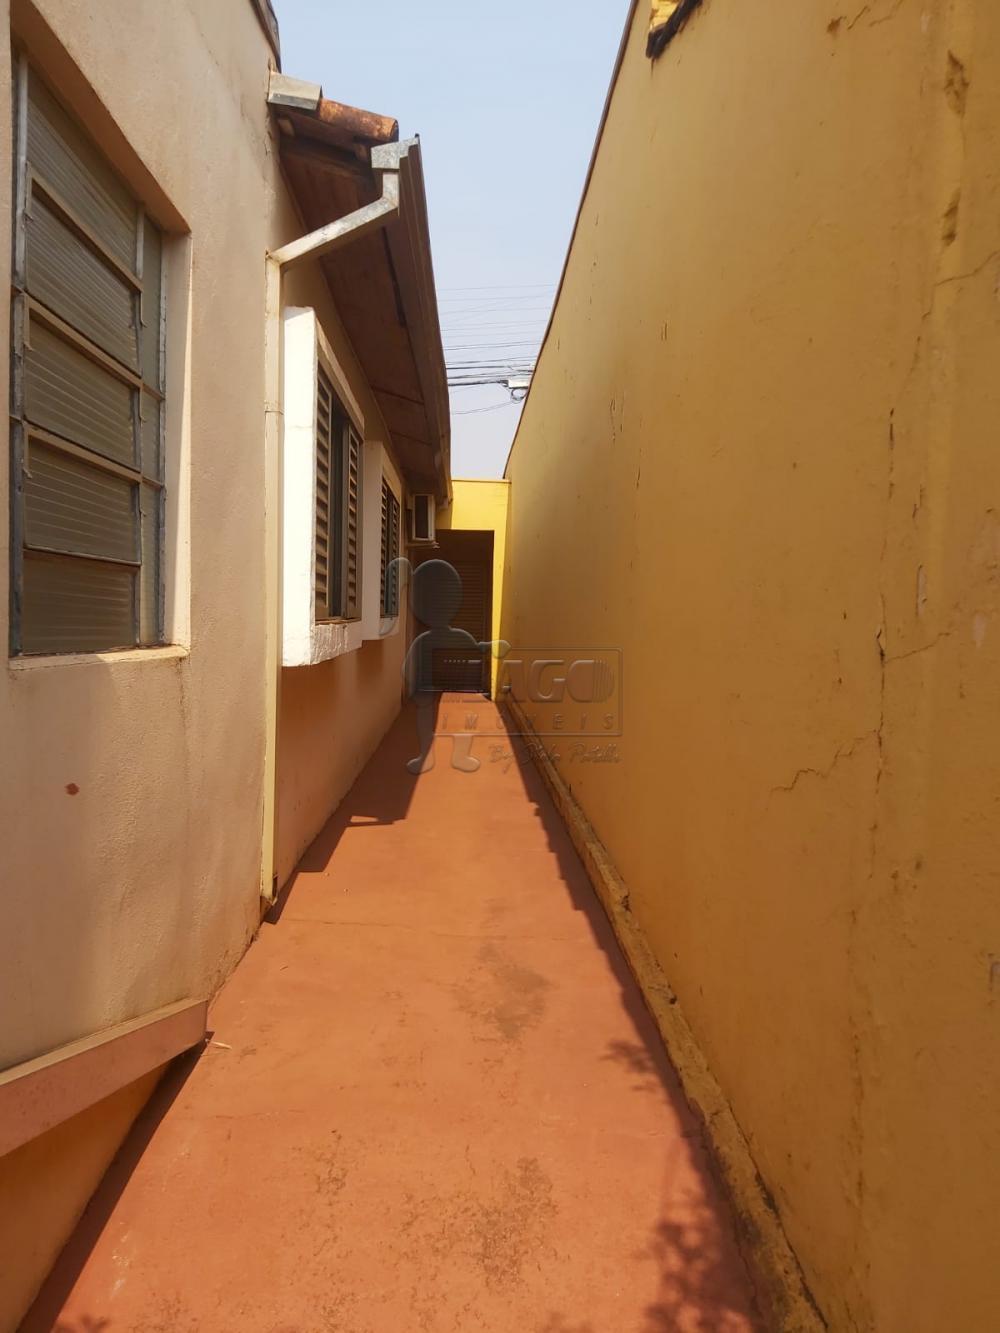 Comprar Casas / Padrão em Sertãozinho R$ 300.000,00 - Foto 11